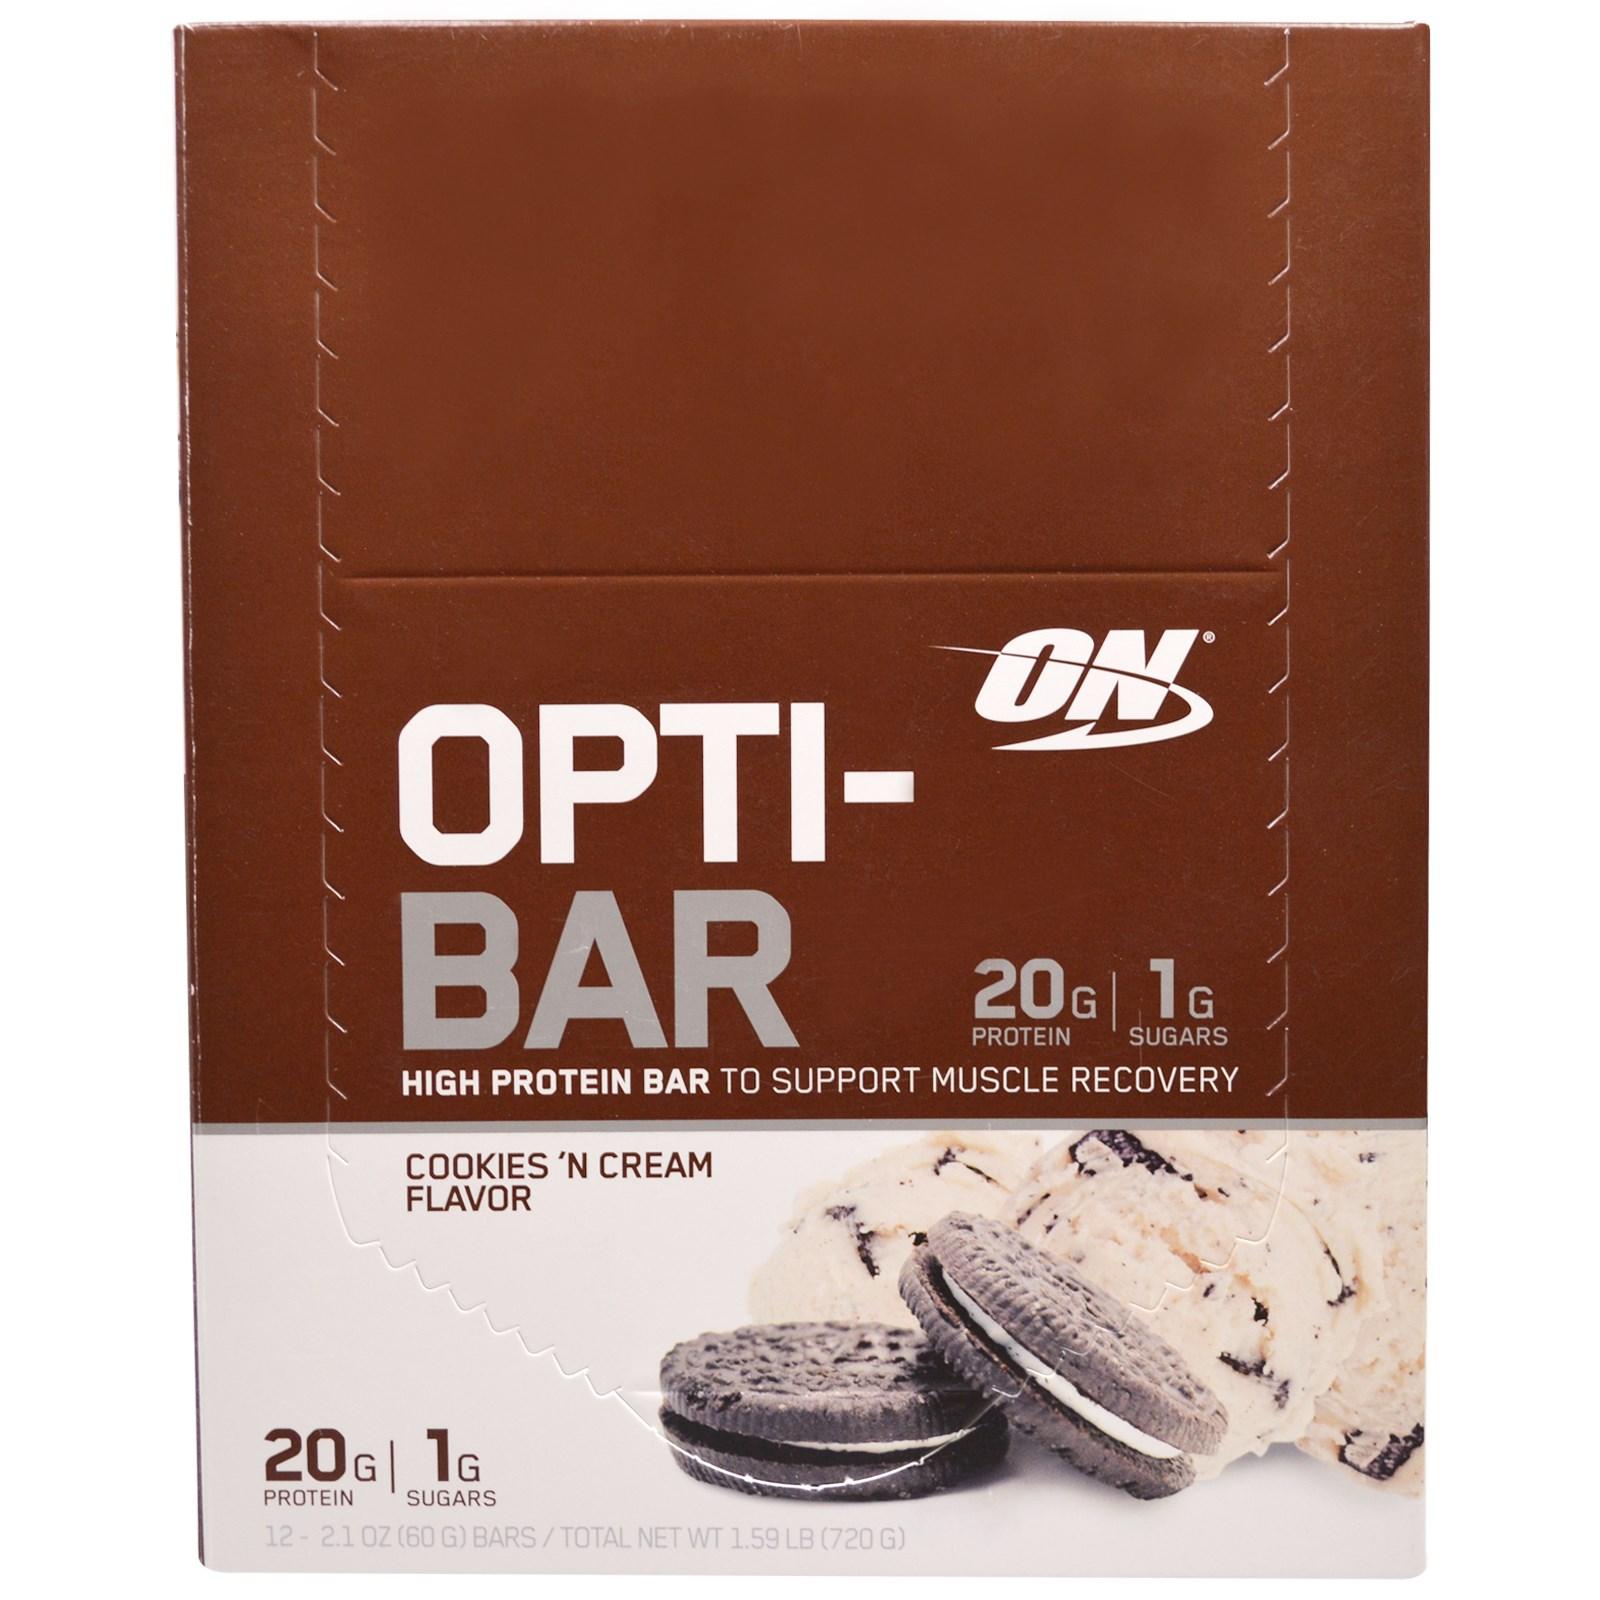 Optimum Nutrition, Высокопротеиновый Батончик Opti-Bar, Вкус Печенья с Кремом, 12 батончиков, по 2,1 унции ( 60г) каждый